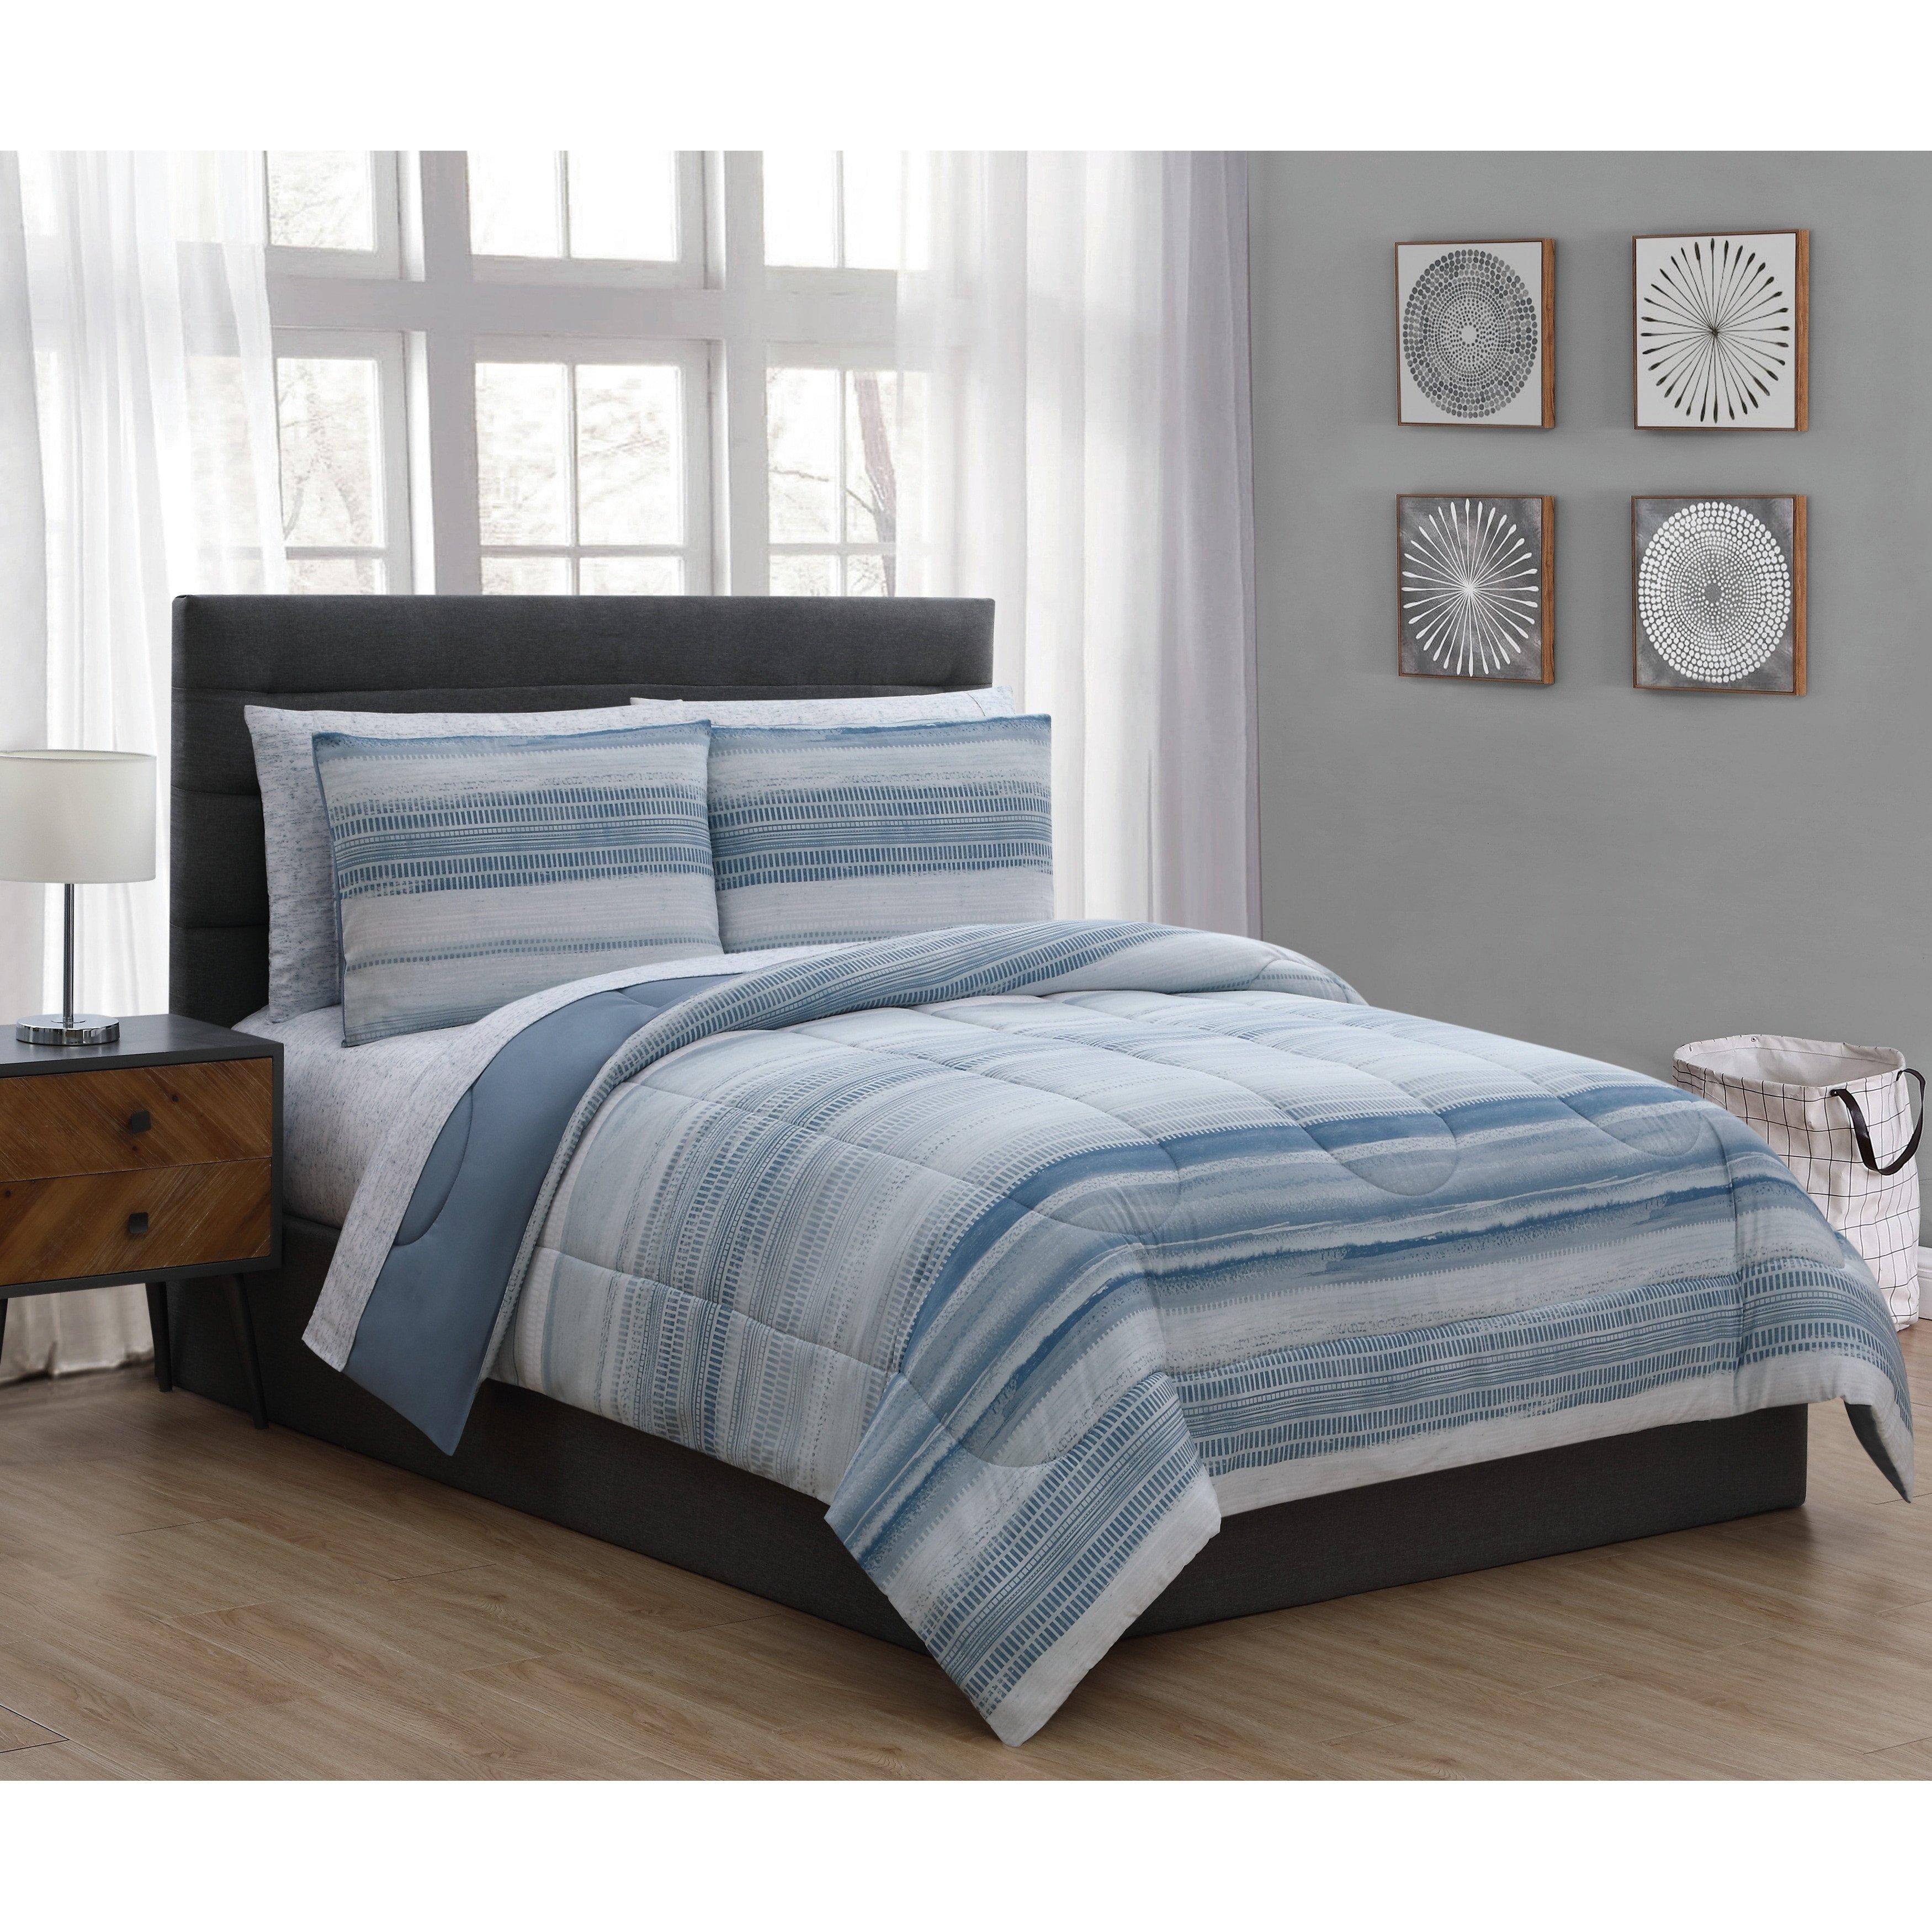 King Size Bedroom Set for Sale Luxury Porch & Den Bladgen 7 Piece Bed In A Bag